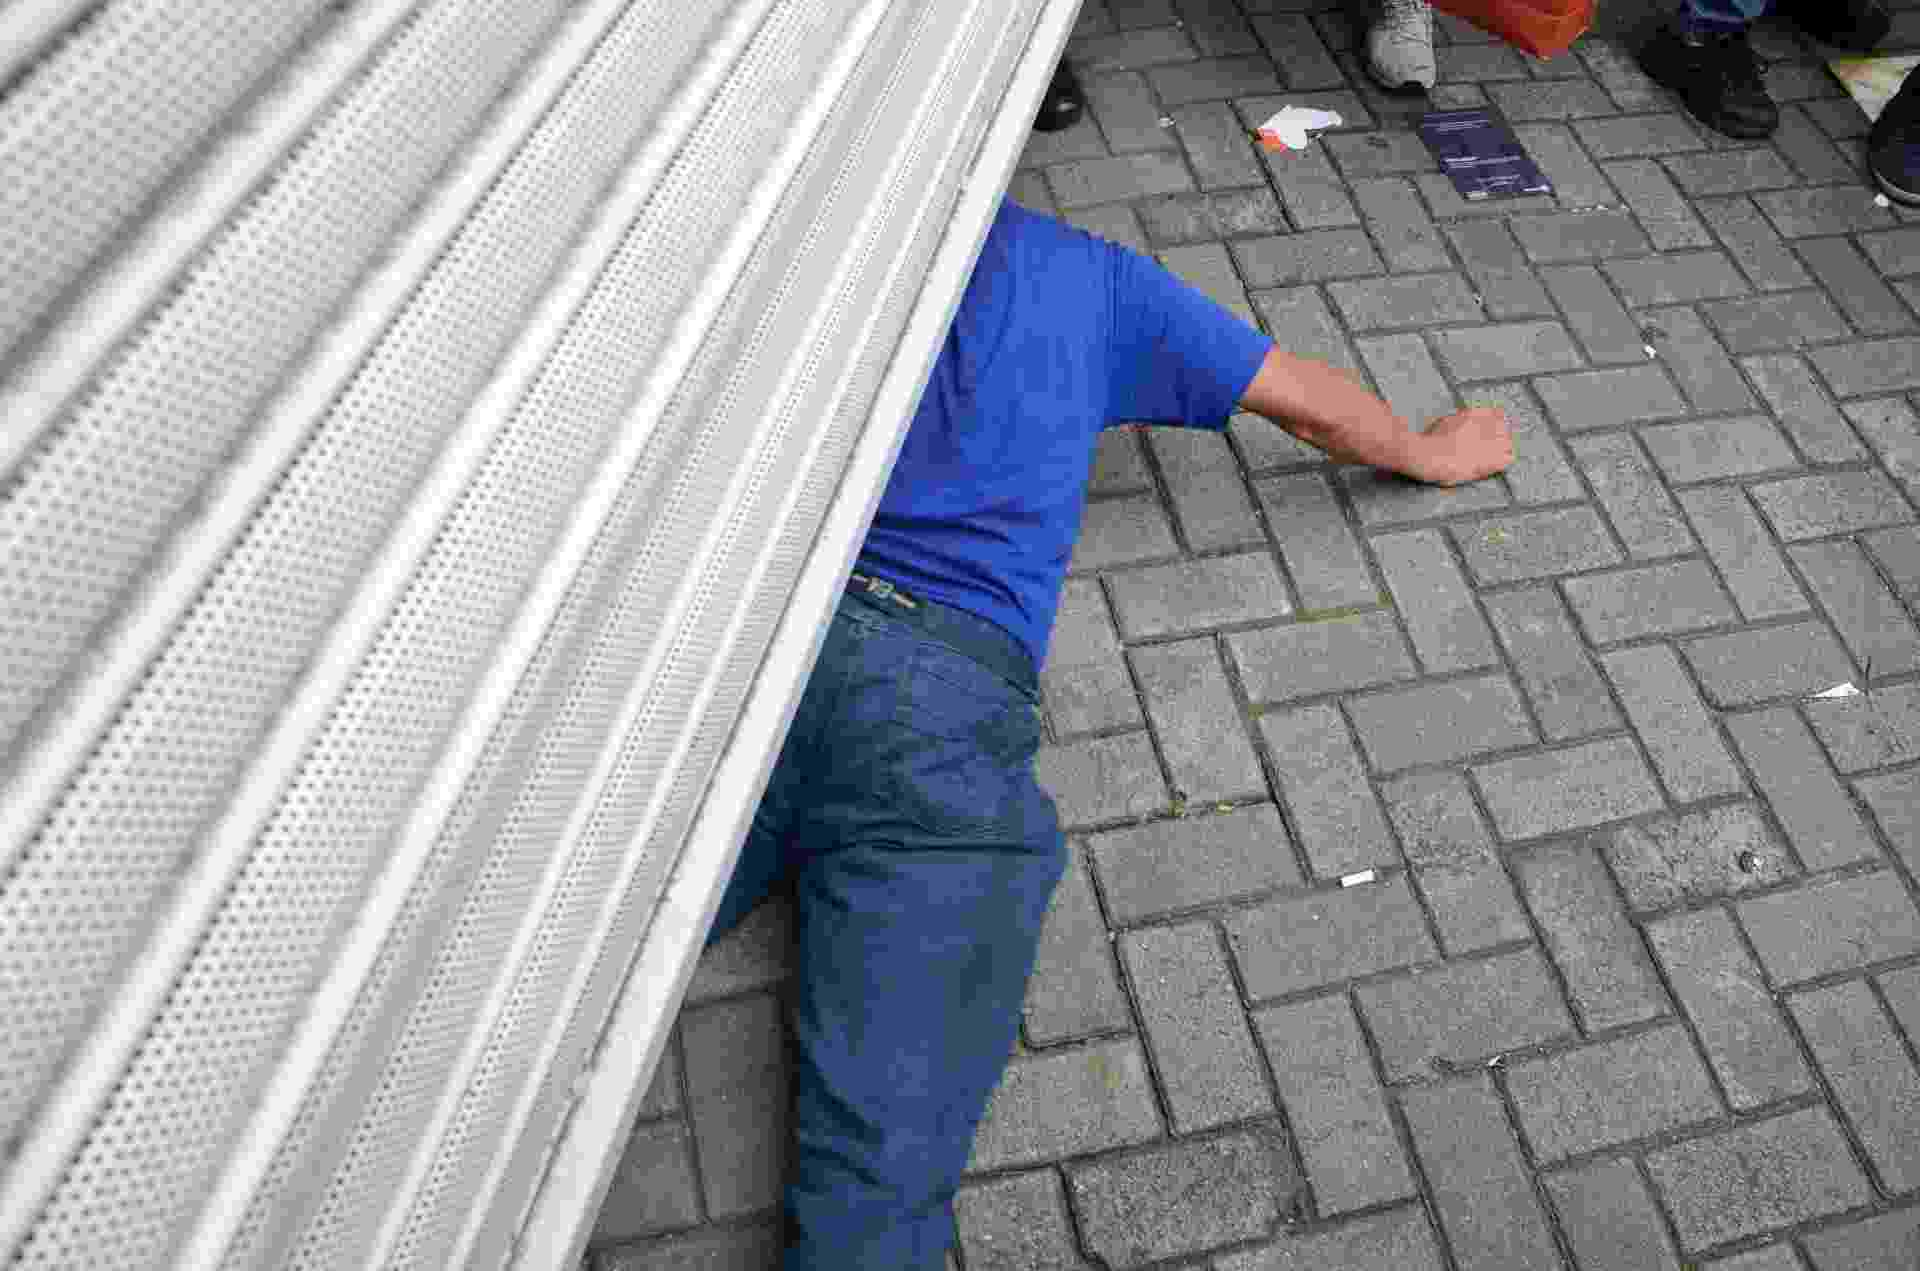 25.out.2015 - Candidatos se apressam antes do fechamento dos portões da Universidade Presbiteriana Mackenzie, na zona oeste de São Paulo, neste domingo (25), segundo dia de provas do Enem (Exame Nacional do Ensino Médio) - J. Duran Machfee/Estadão Conteúdo